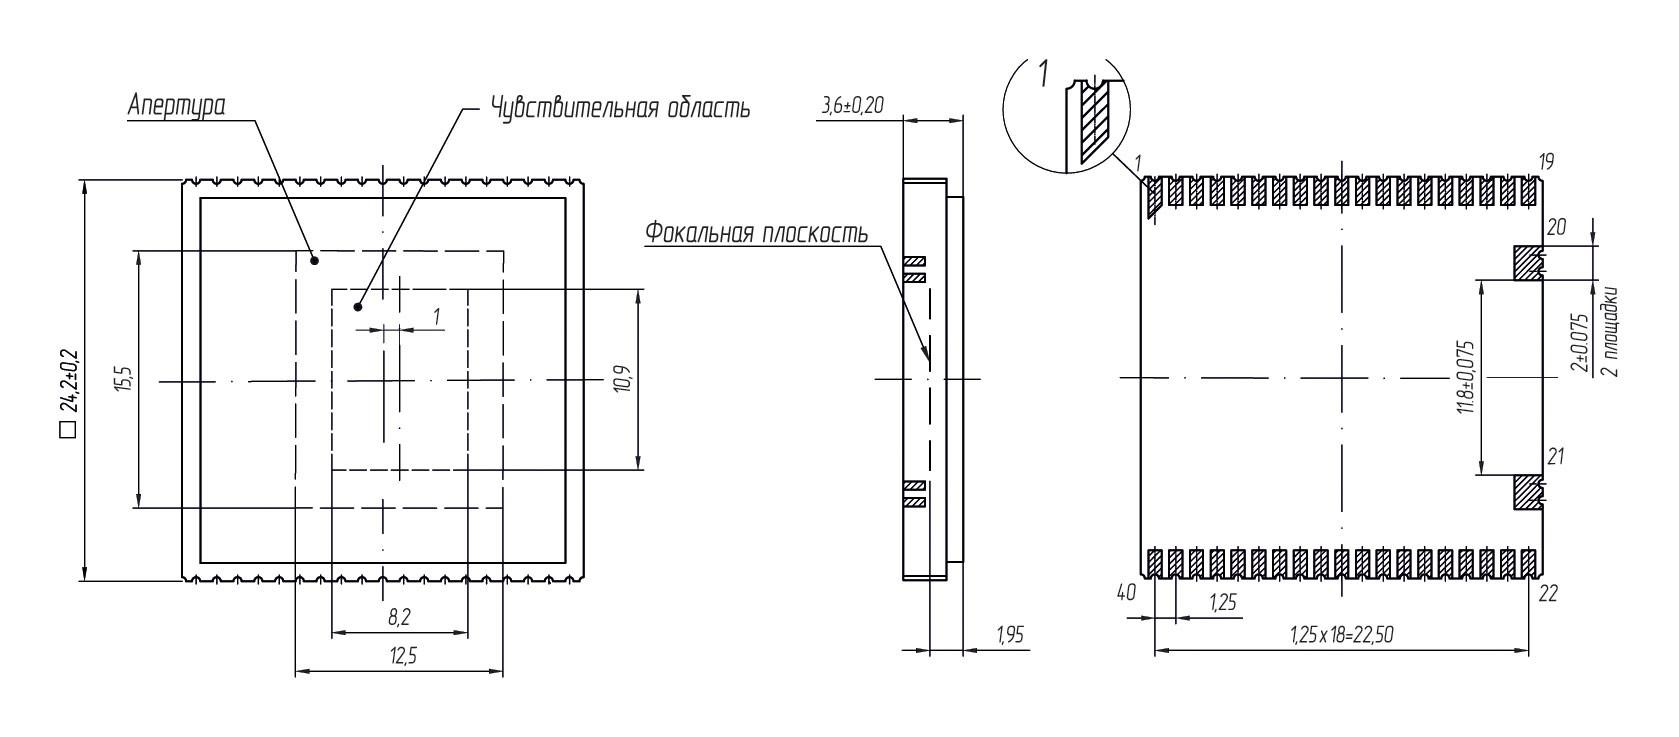 Габаритные чертежи и размеры АСТРОН-64017